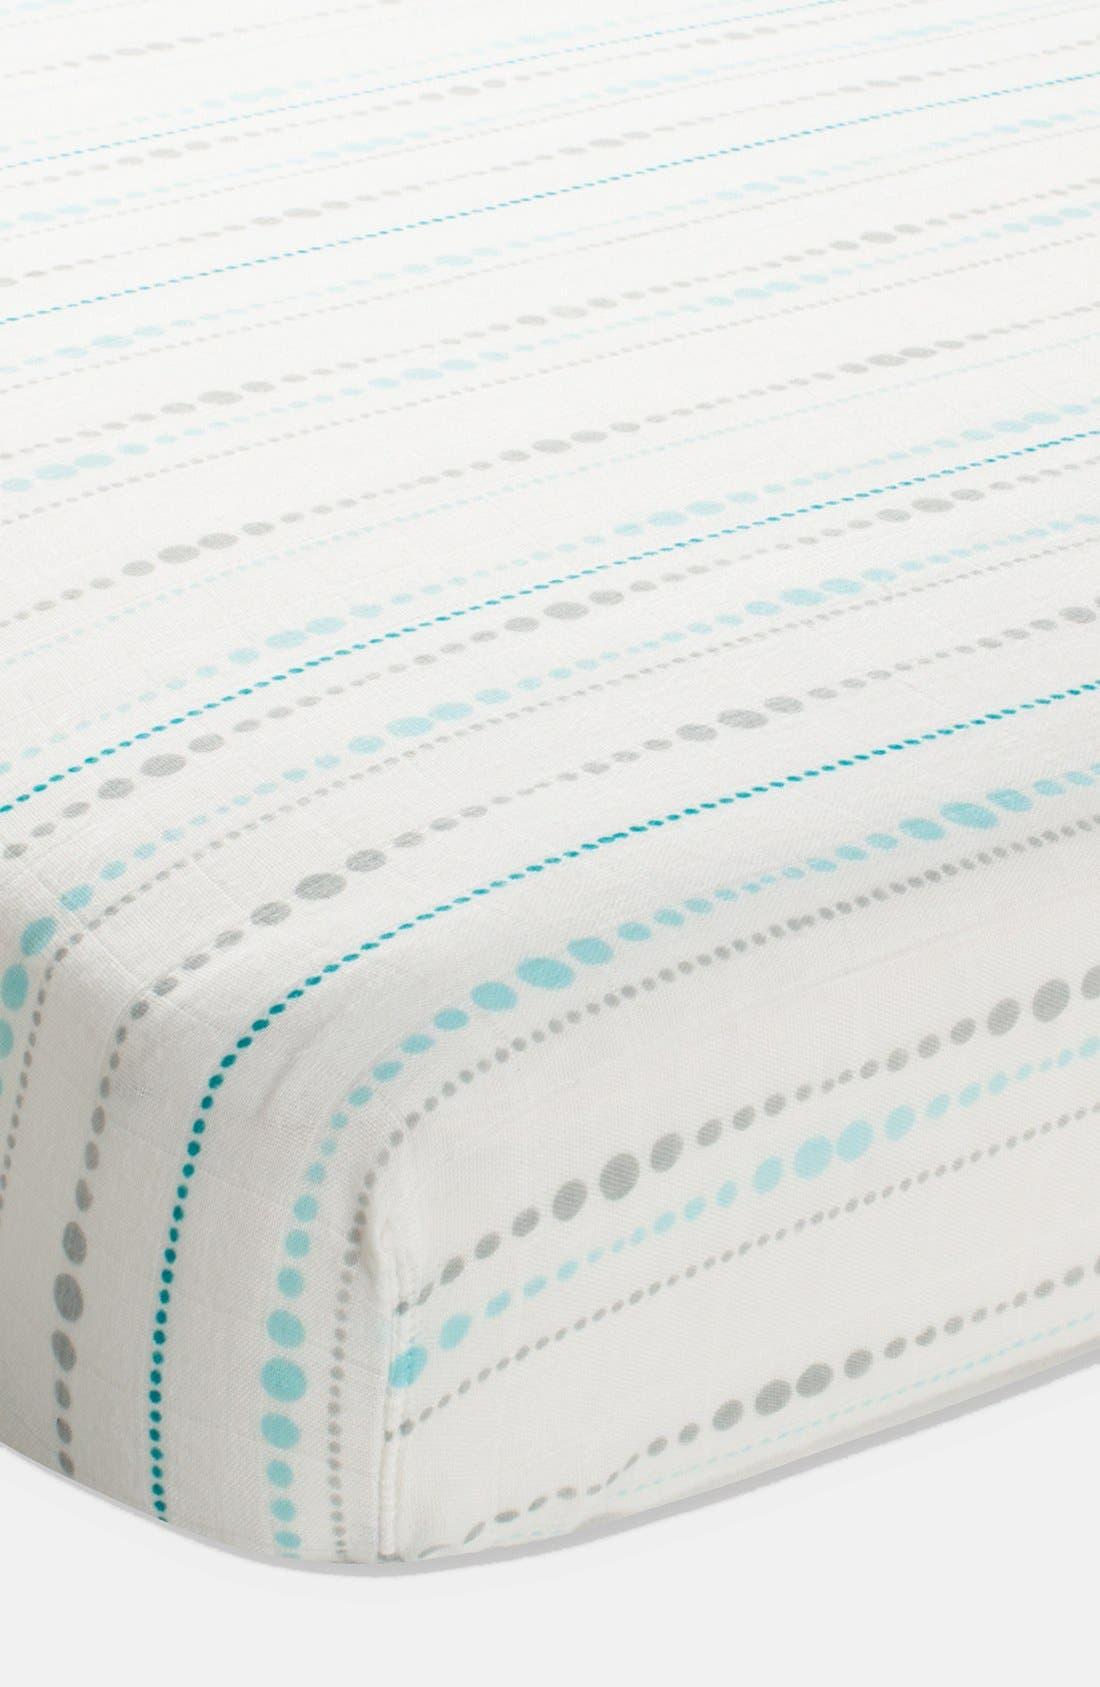 Main Image - aden + anais Crib Sheet